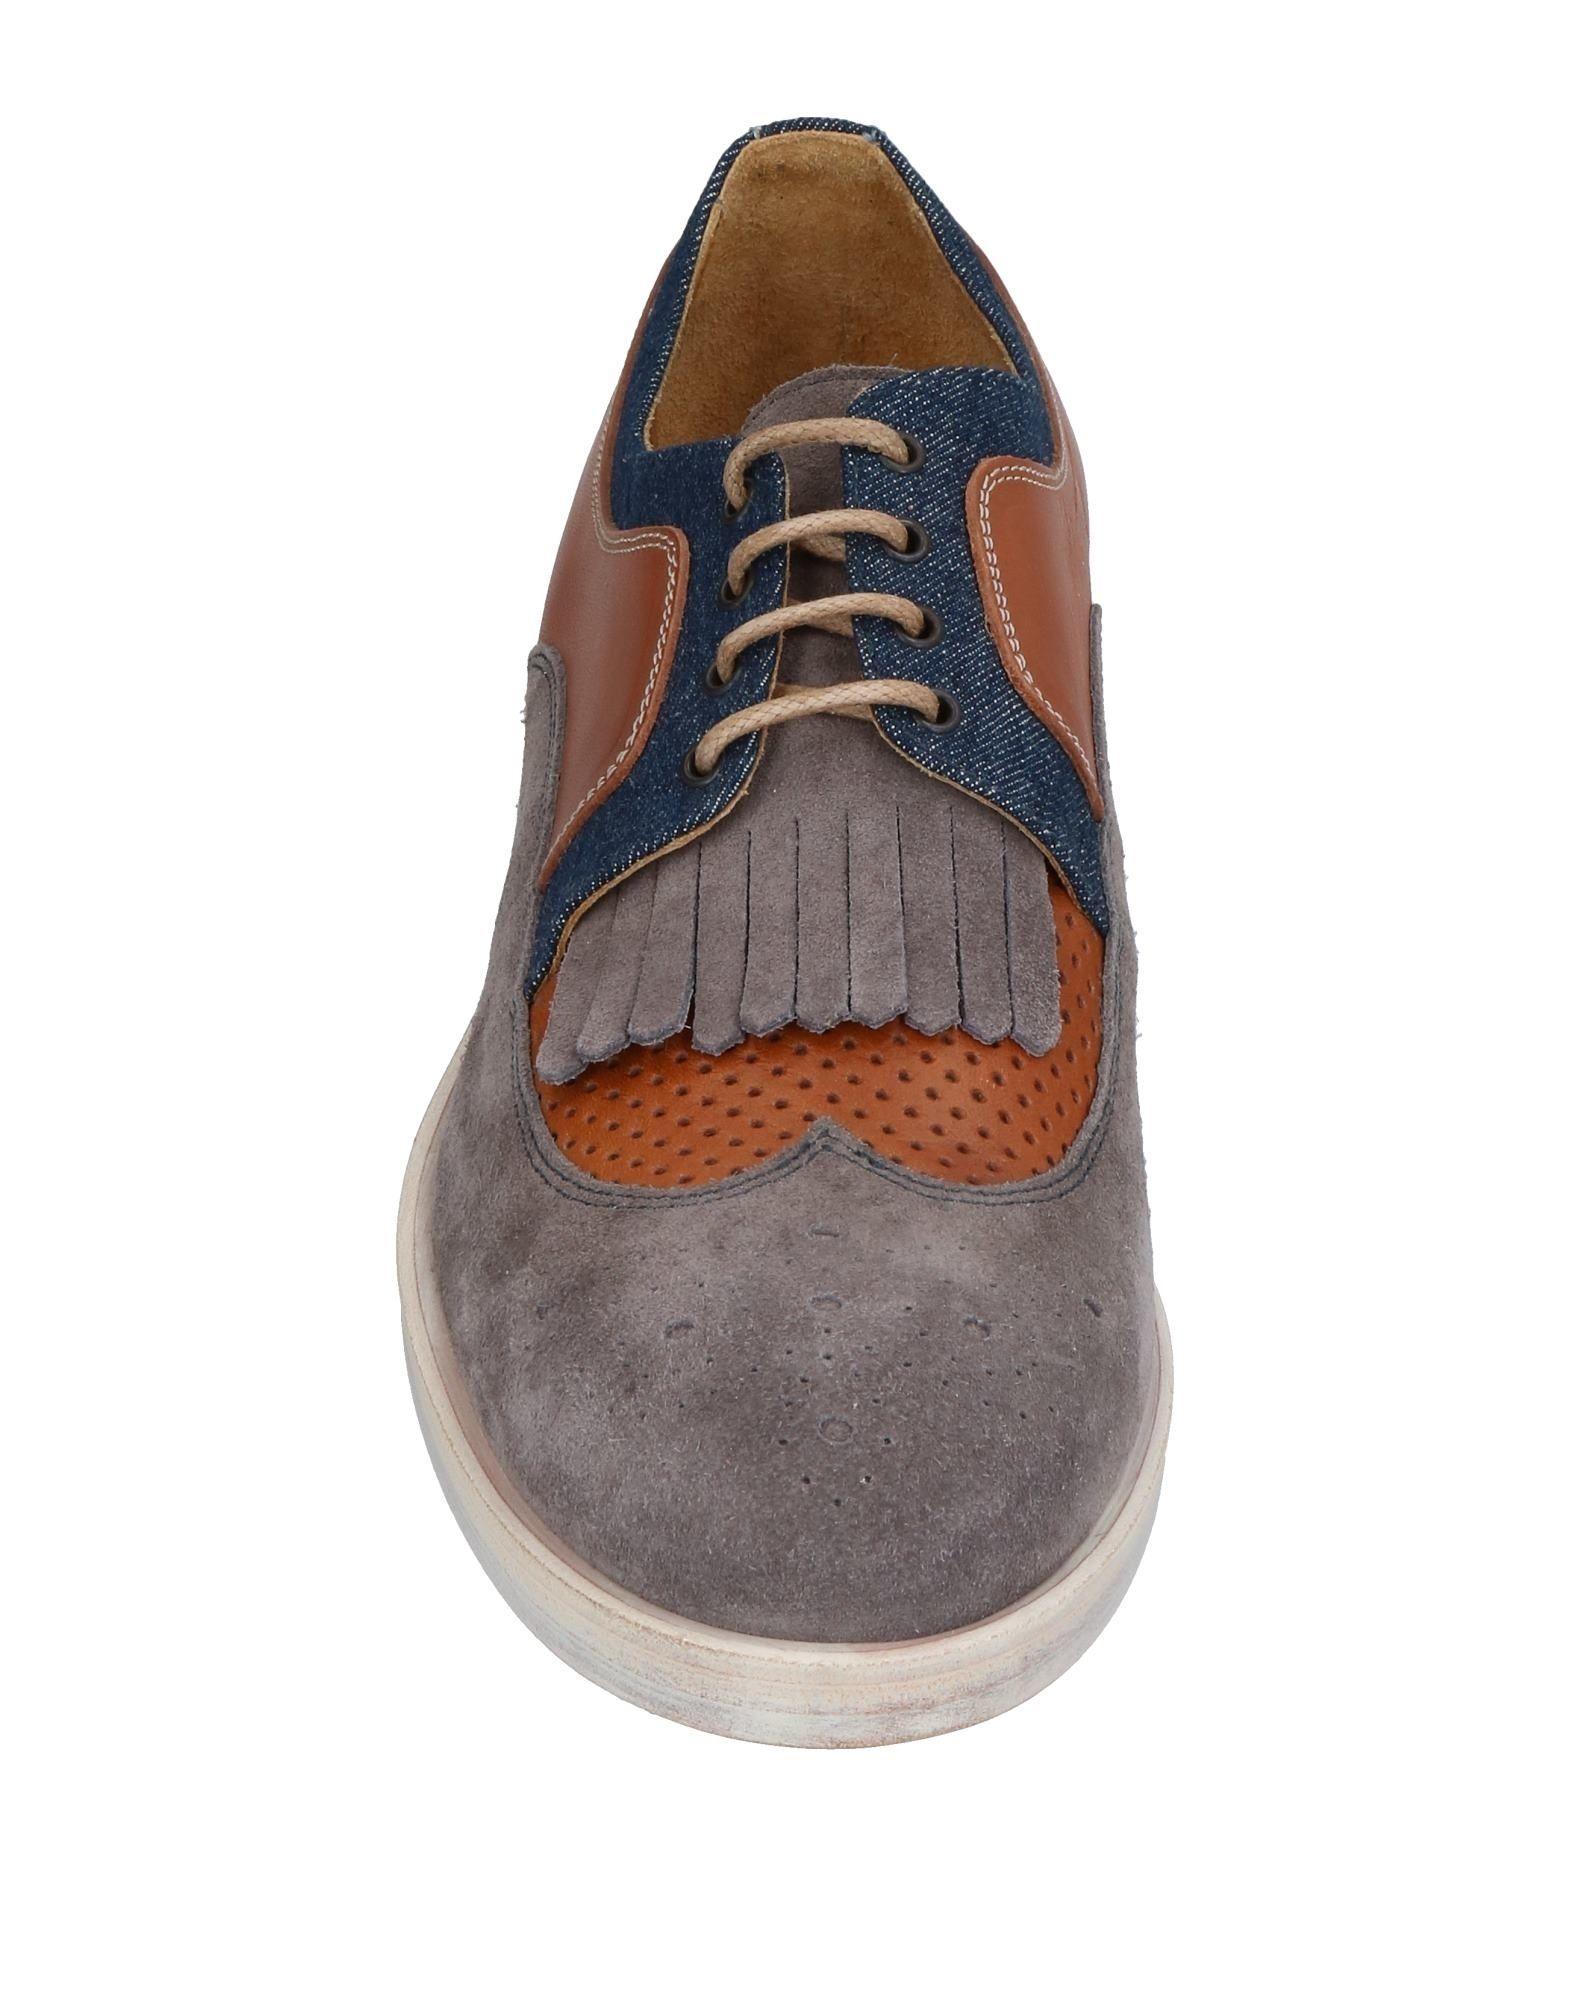 CHAUSSURES - Chaussures à lacetsHal vz1E16